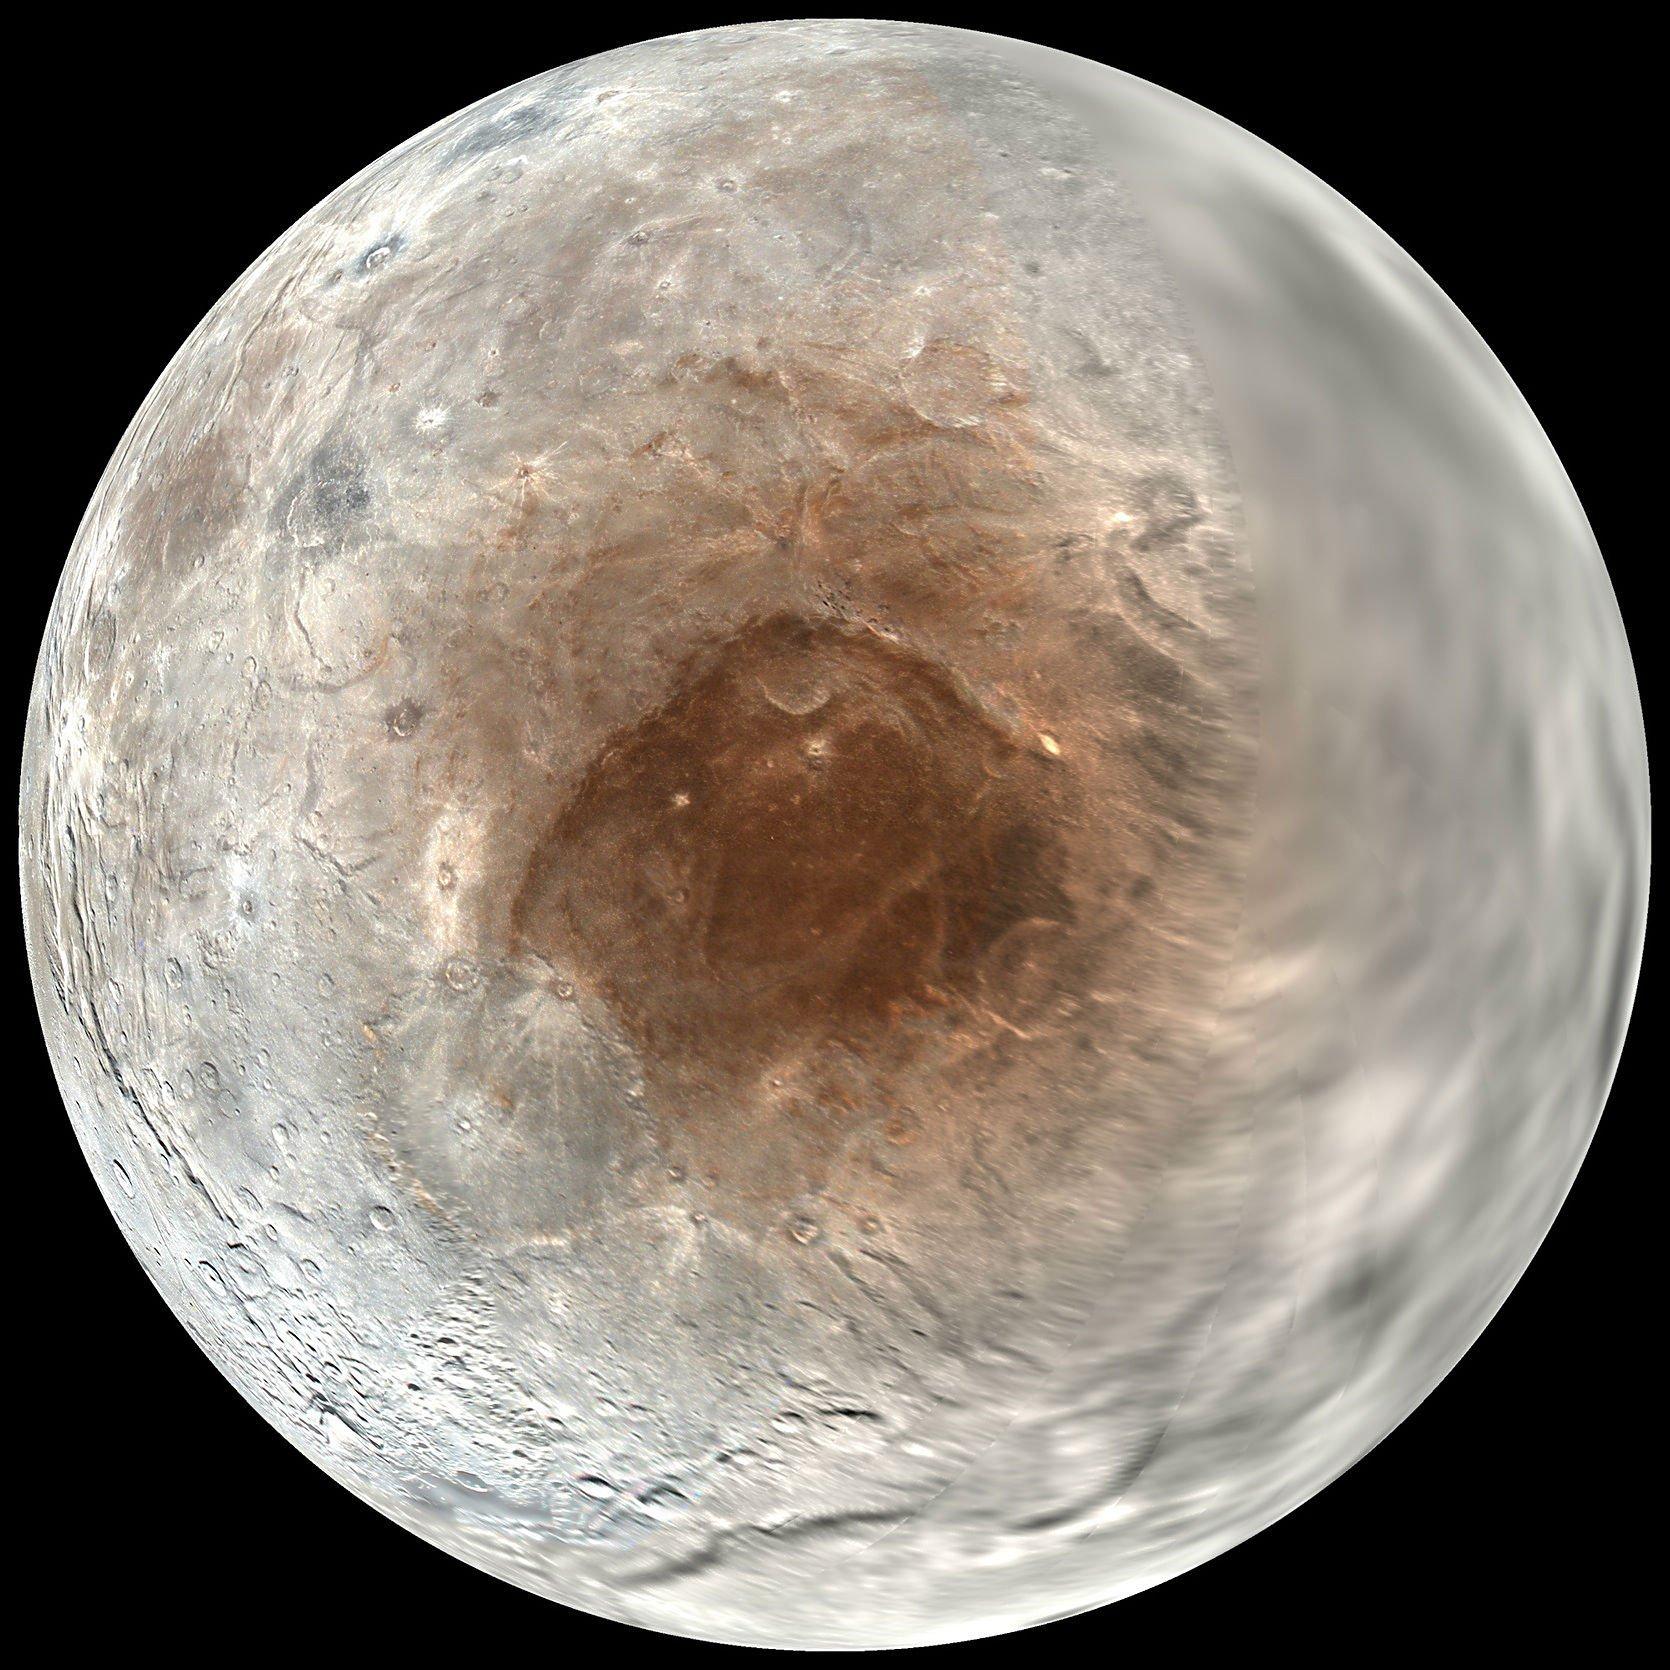 Опубликованы расчёты для теории происхождения пятна Мордор на северном полюсе Харона - 4